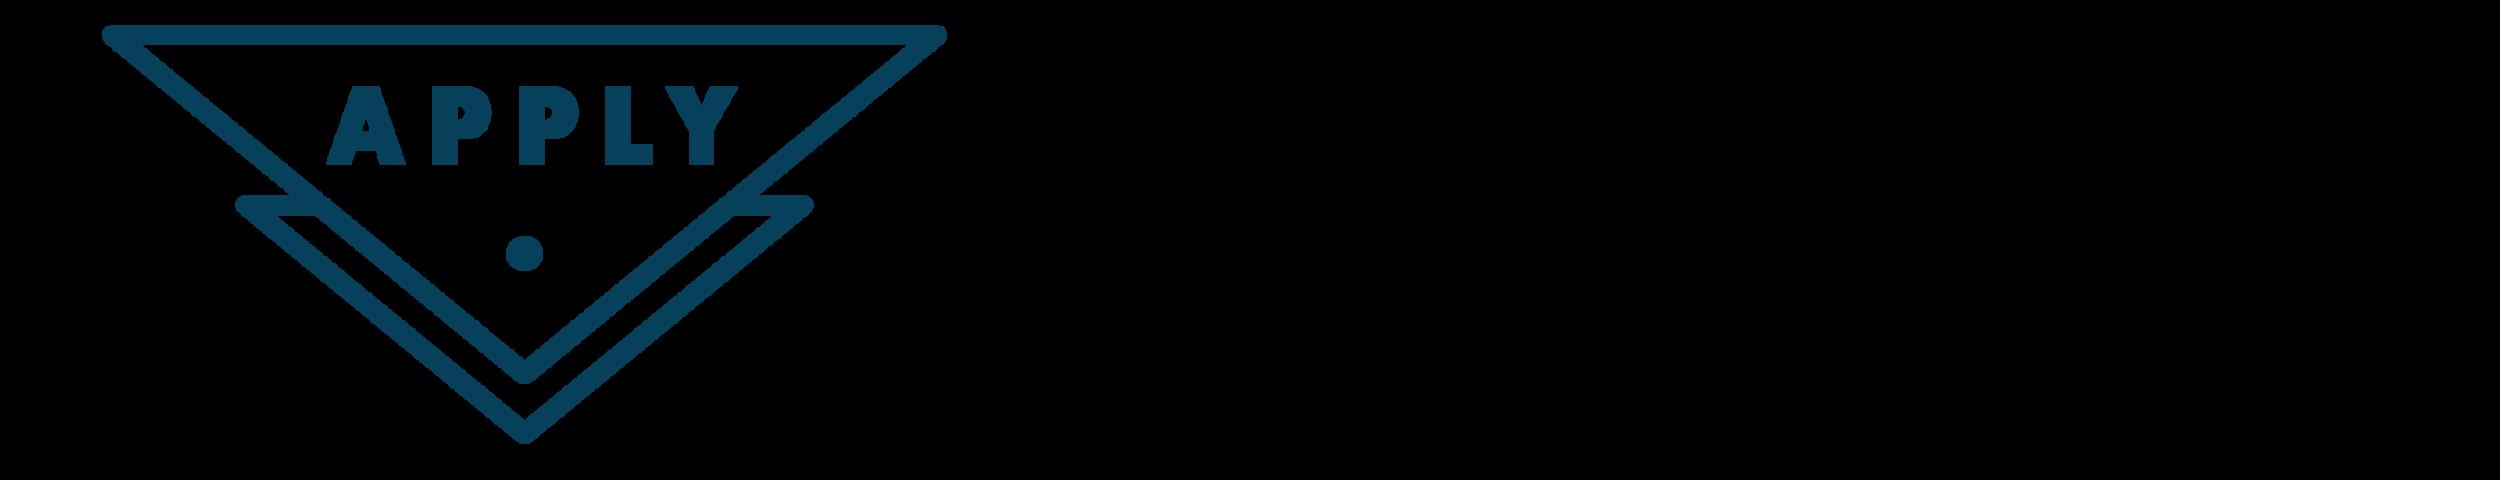 Web_symbols-09.png